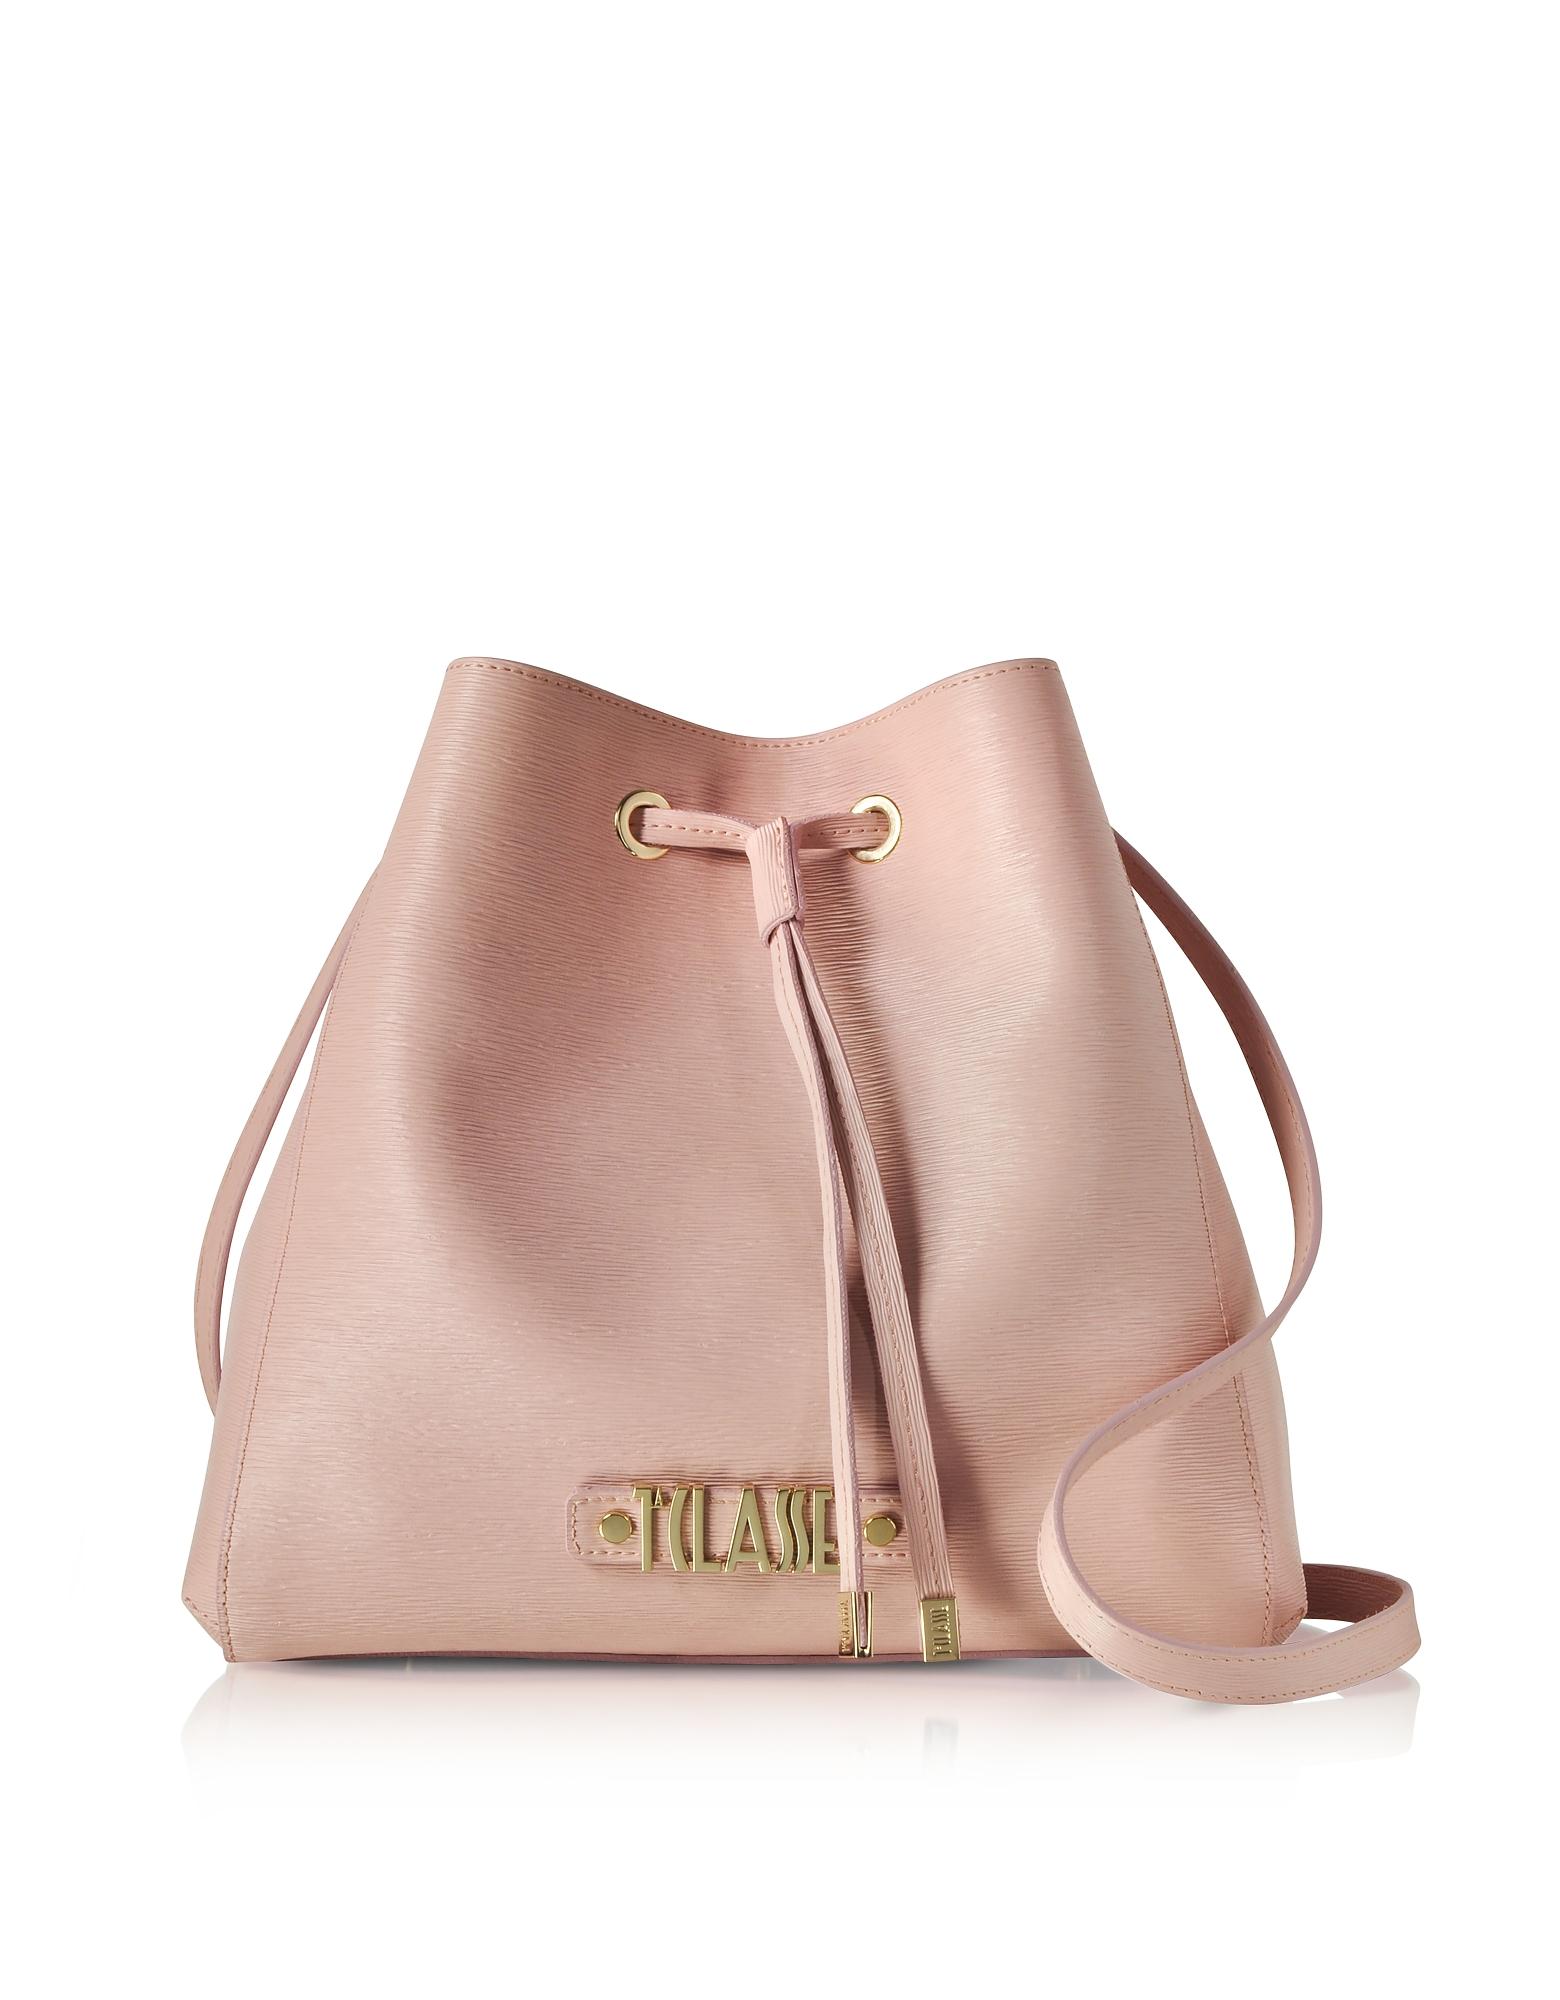 ALVIERO MARTINI 1A CLASSE Alegria Smile Saffiano Leather Bucket Bag in Pink